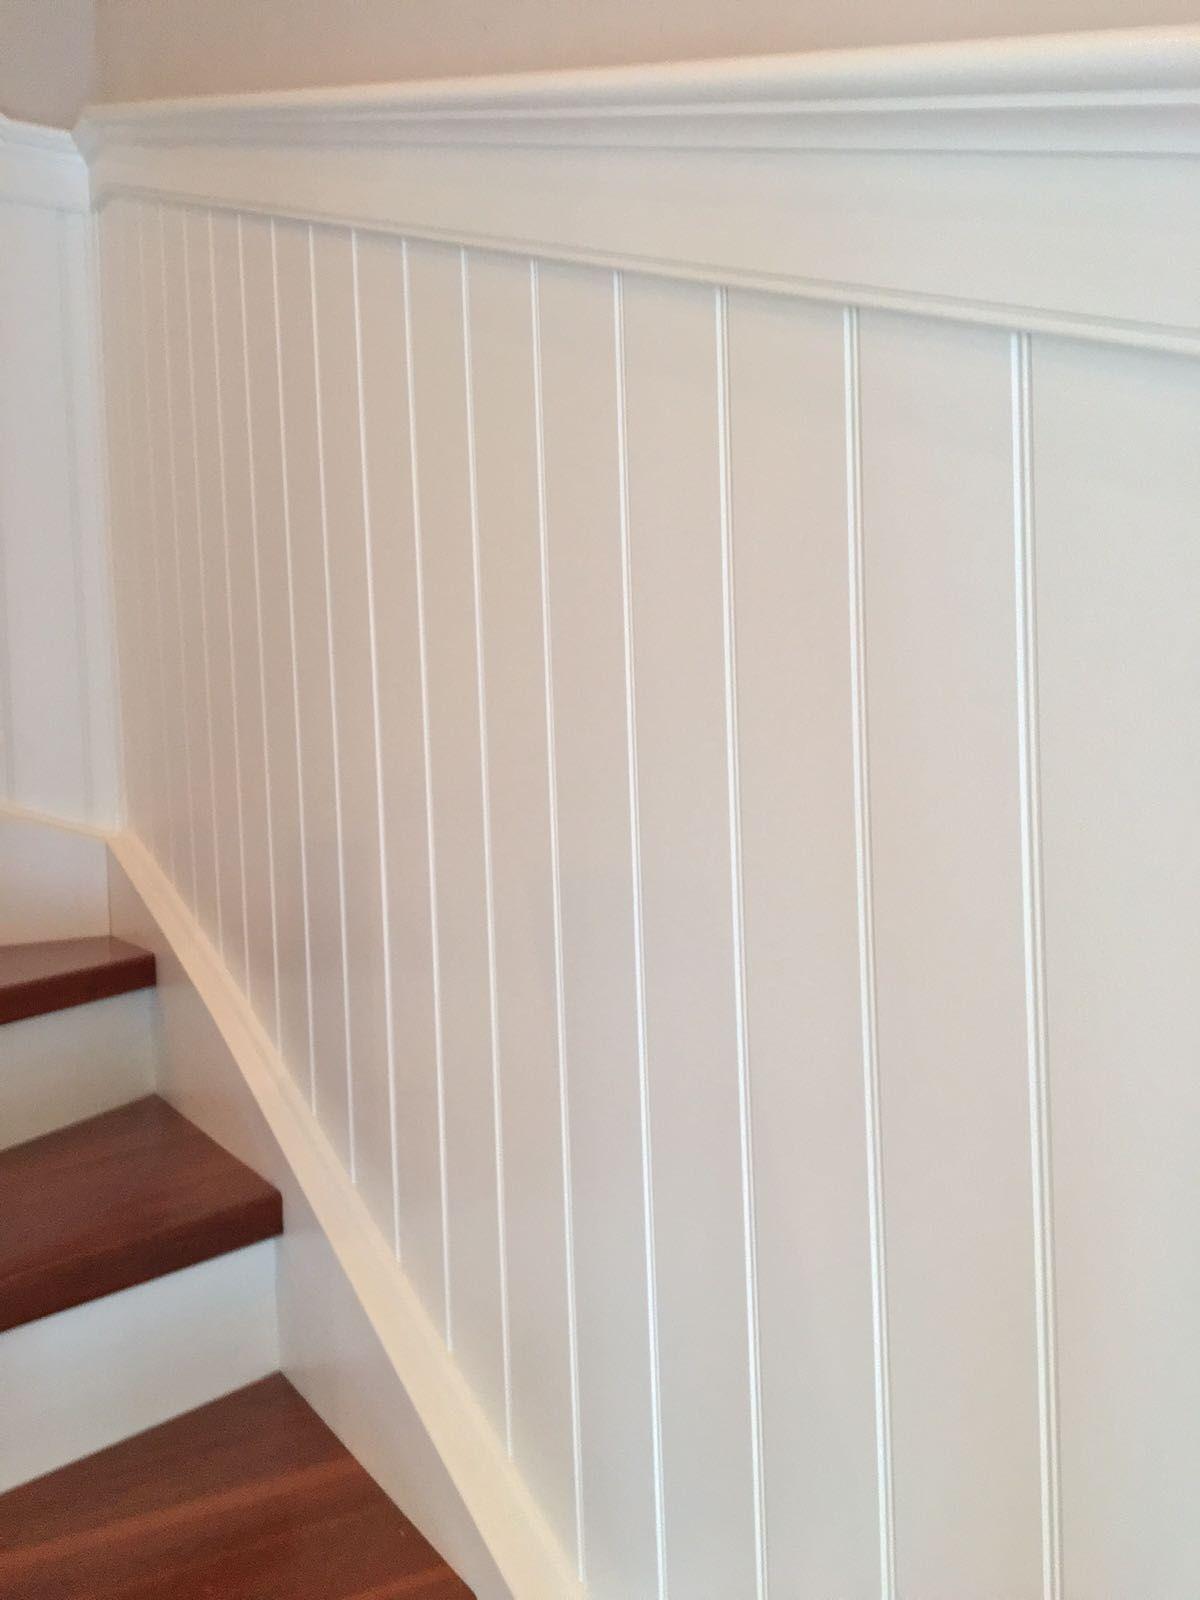 Beadboard De Wandpaneele Im Treppenhaus Klassische Ausfuhrung Individuell Angepasst An Gewendelter Holztreppe M Wandpaneele Holztreppe Treppenverkleidung